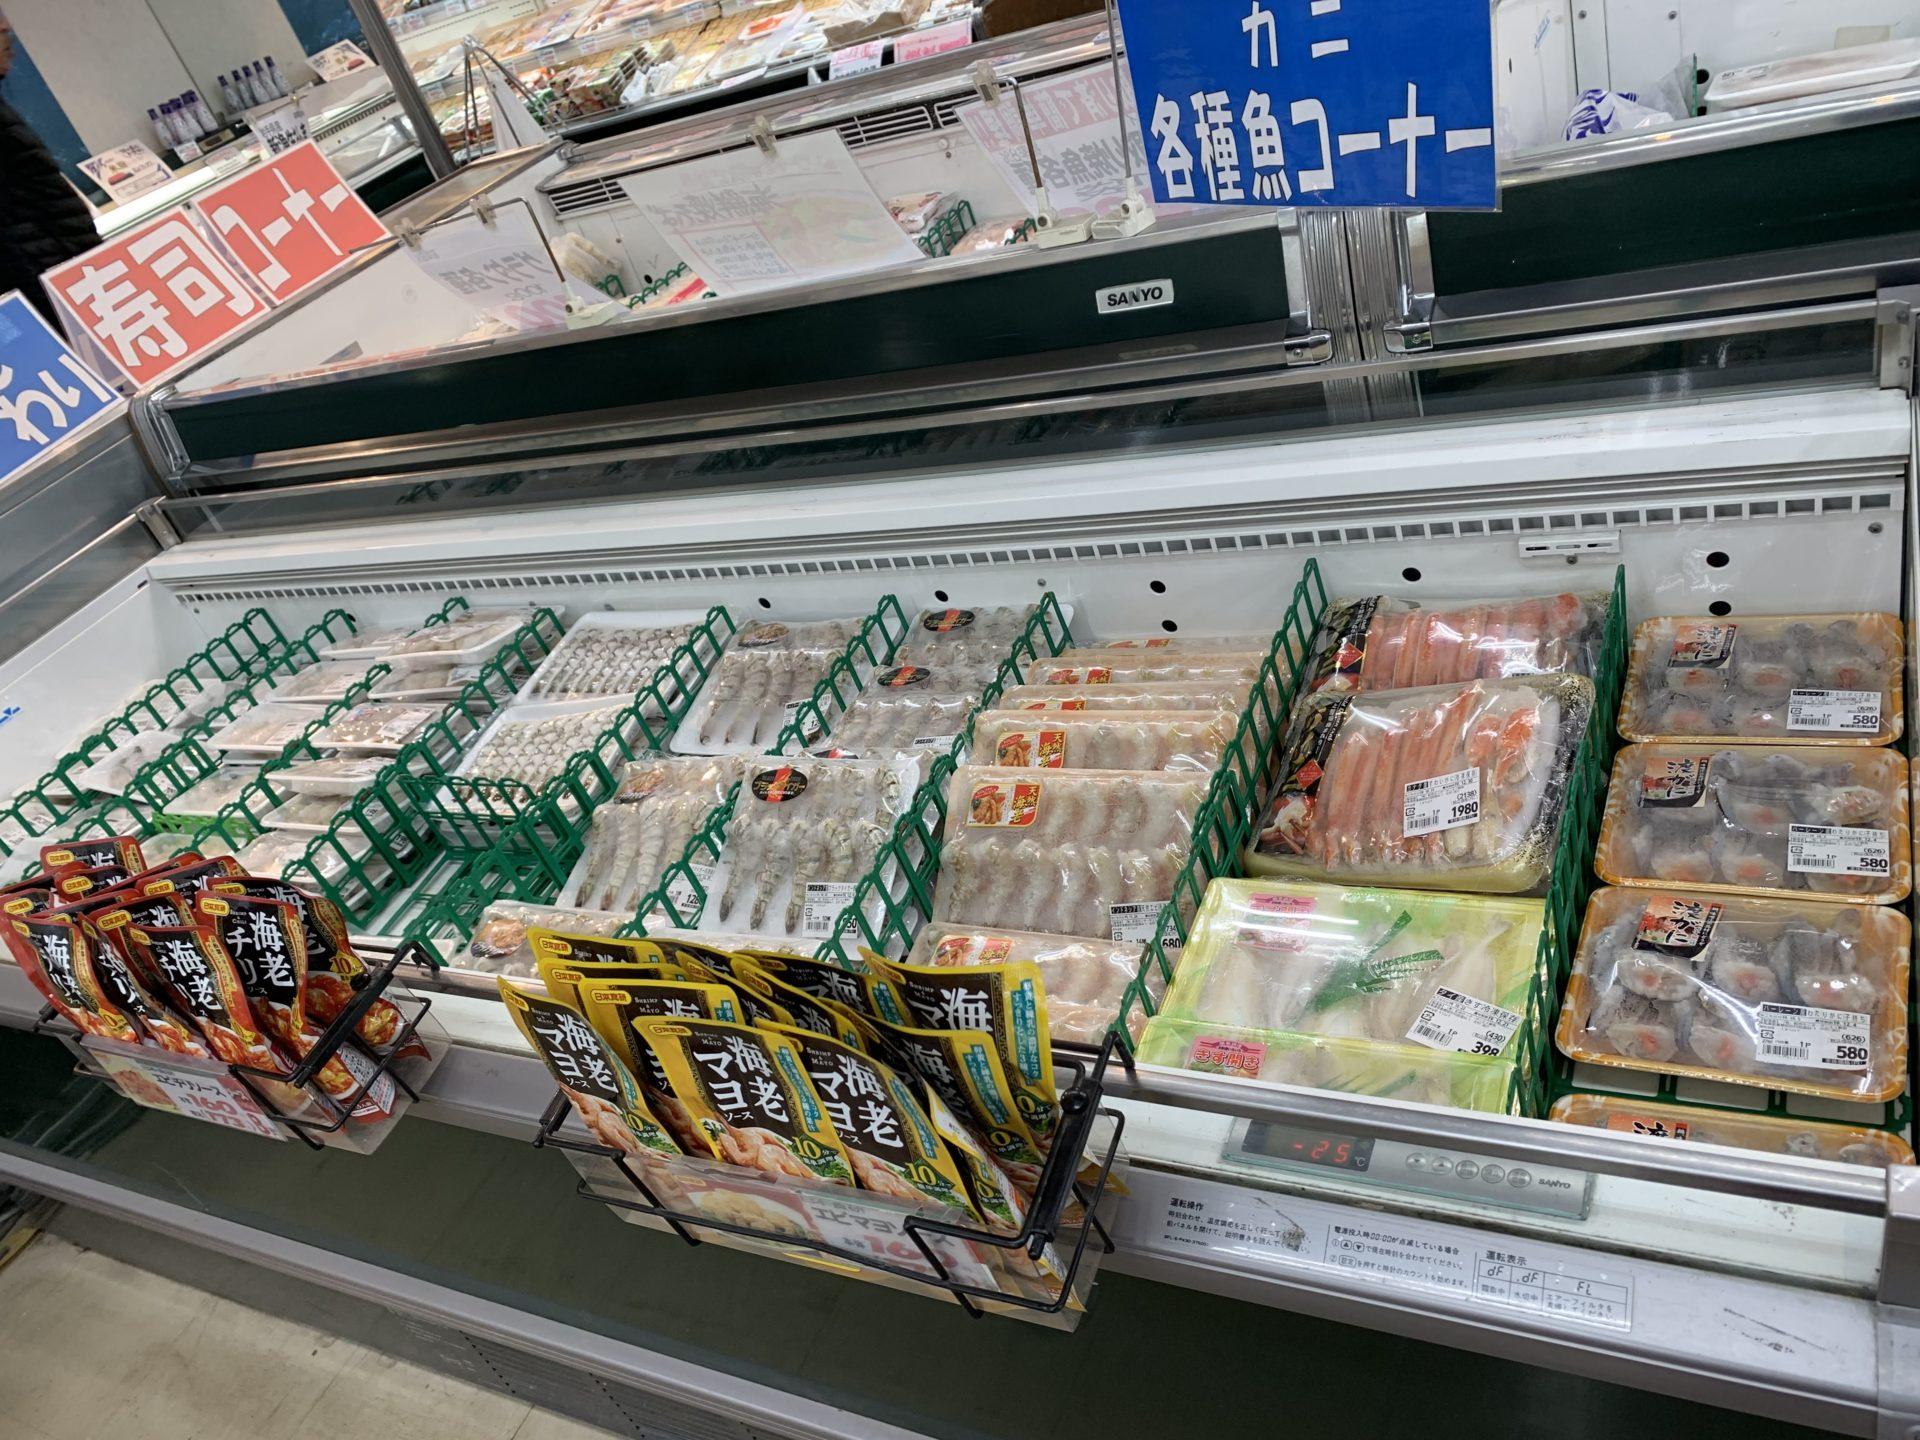 卸売センター「サンエイ」店内の海鮮バーベキュー用「海老や蟹」